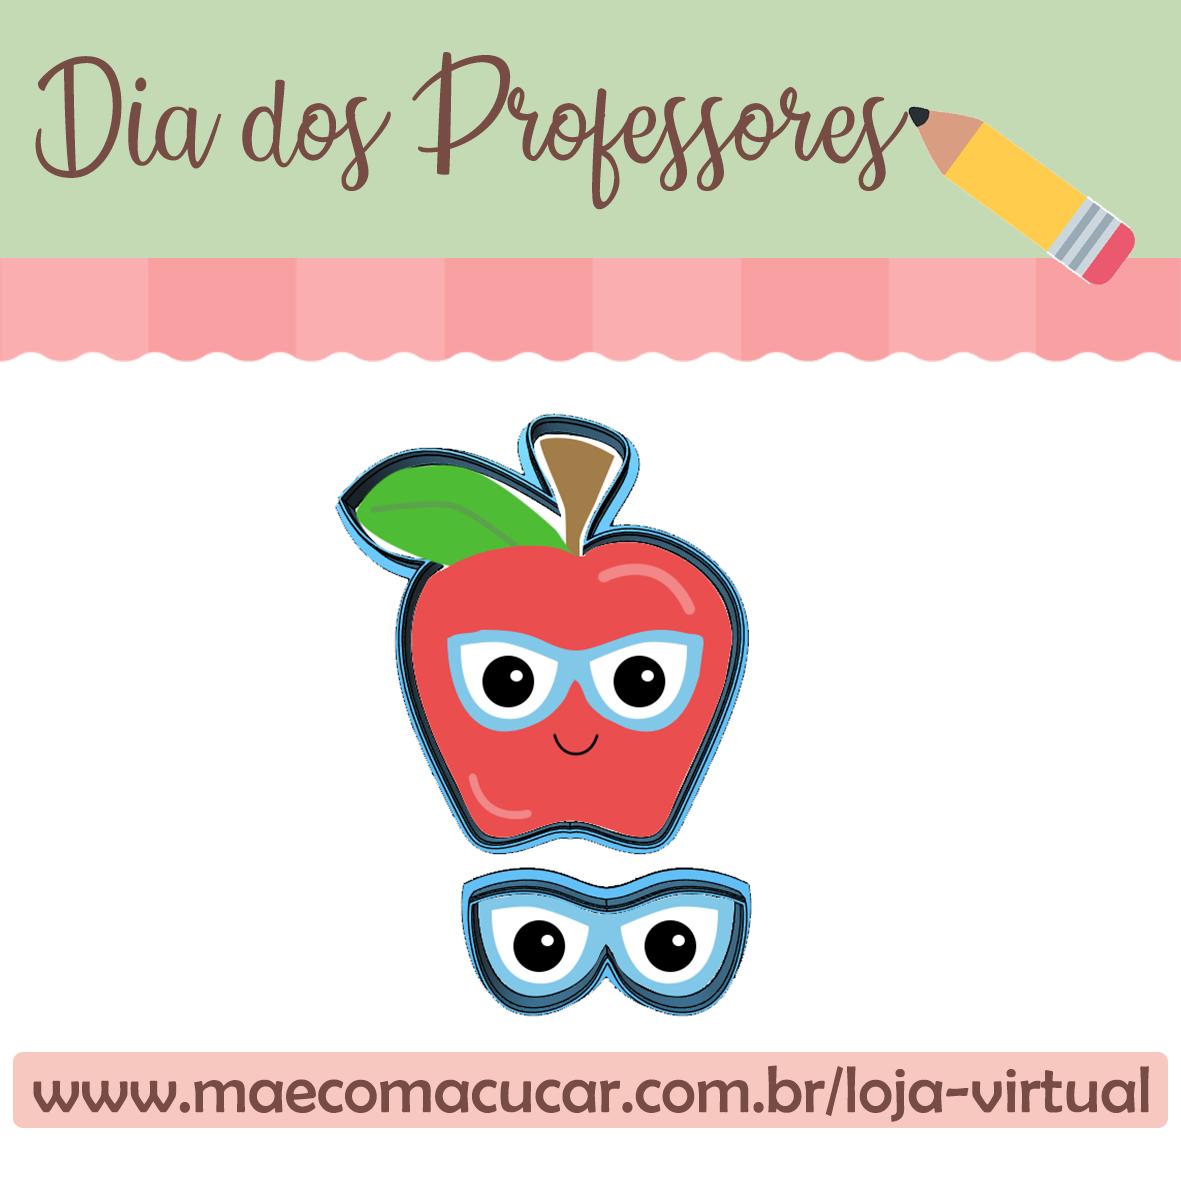 Cortador de Biscoito Maçã de Óculos (Conjunto com 2 cortadores individuais) (Tema Dia do Professor ou Escola)